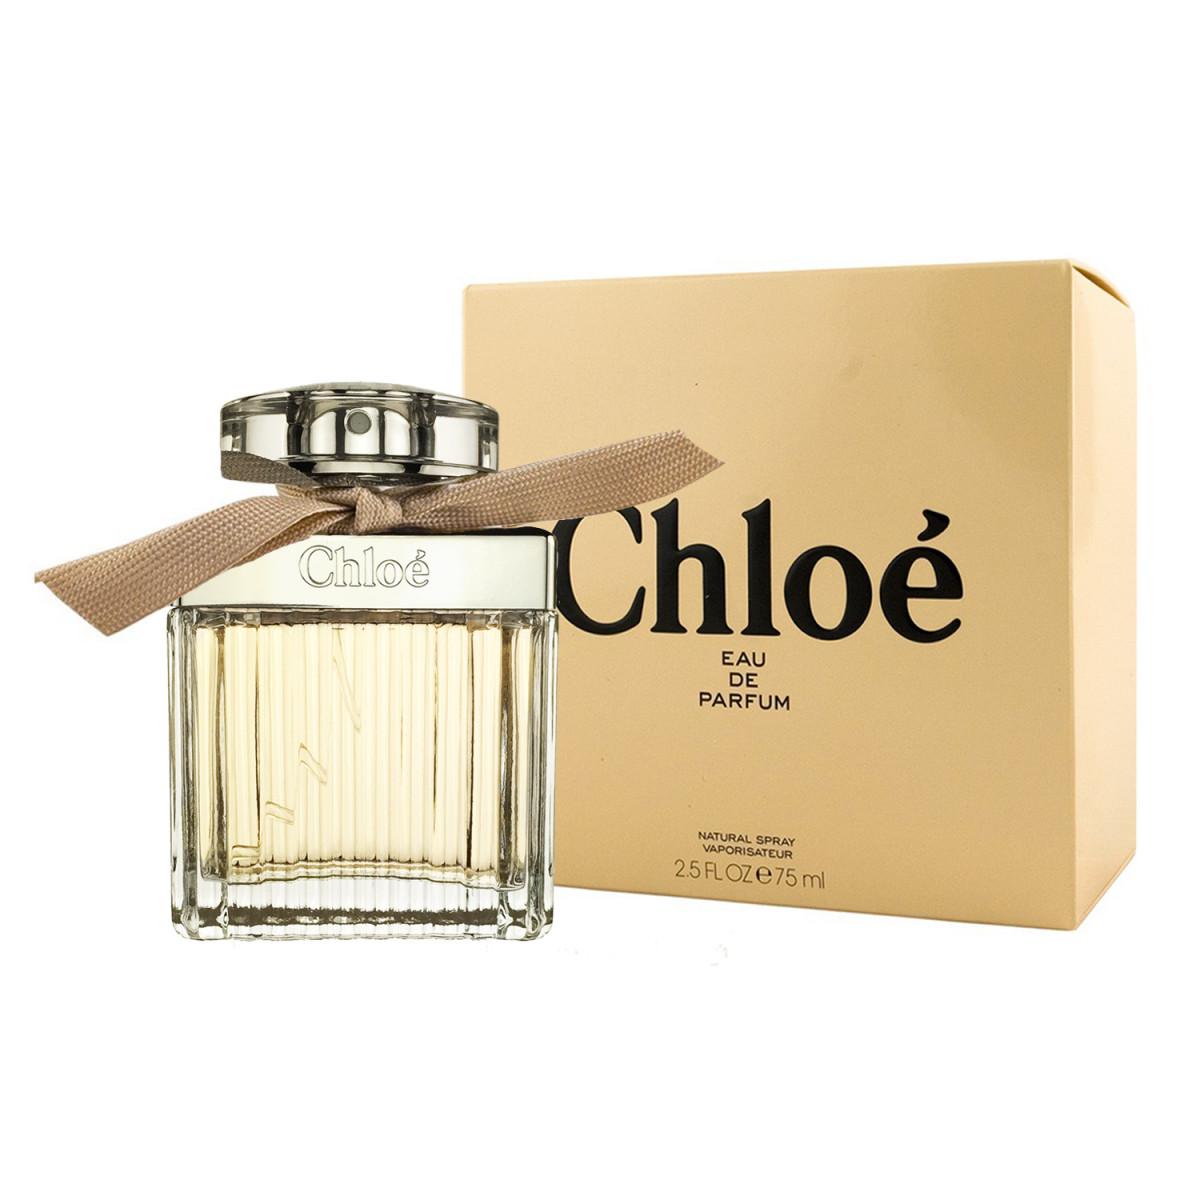 d0db2cef09 Chloe Chloe Eau De Parfum 75 ml (woman) - Chloé Eau de Parfum ...